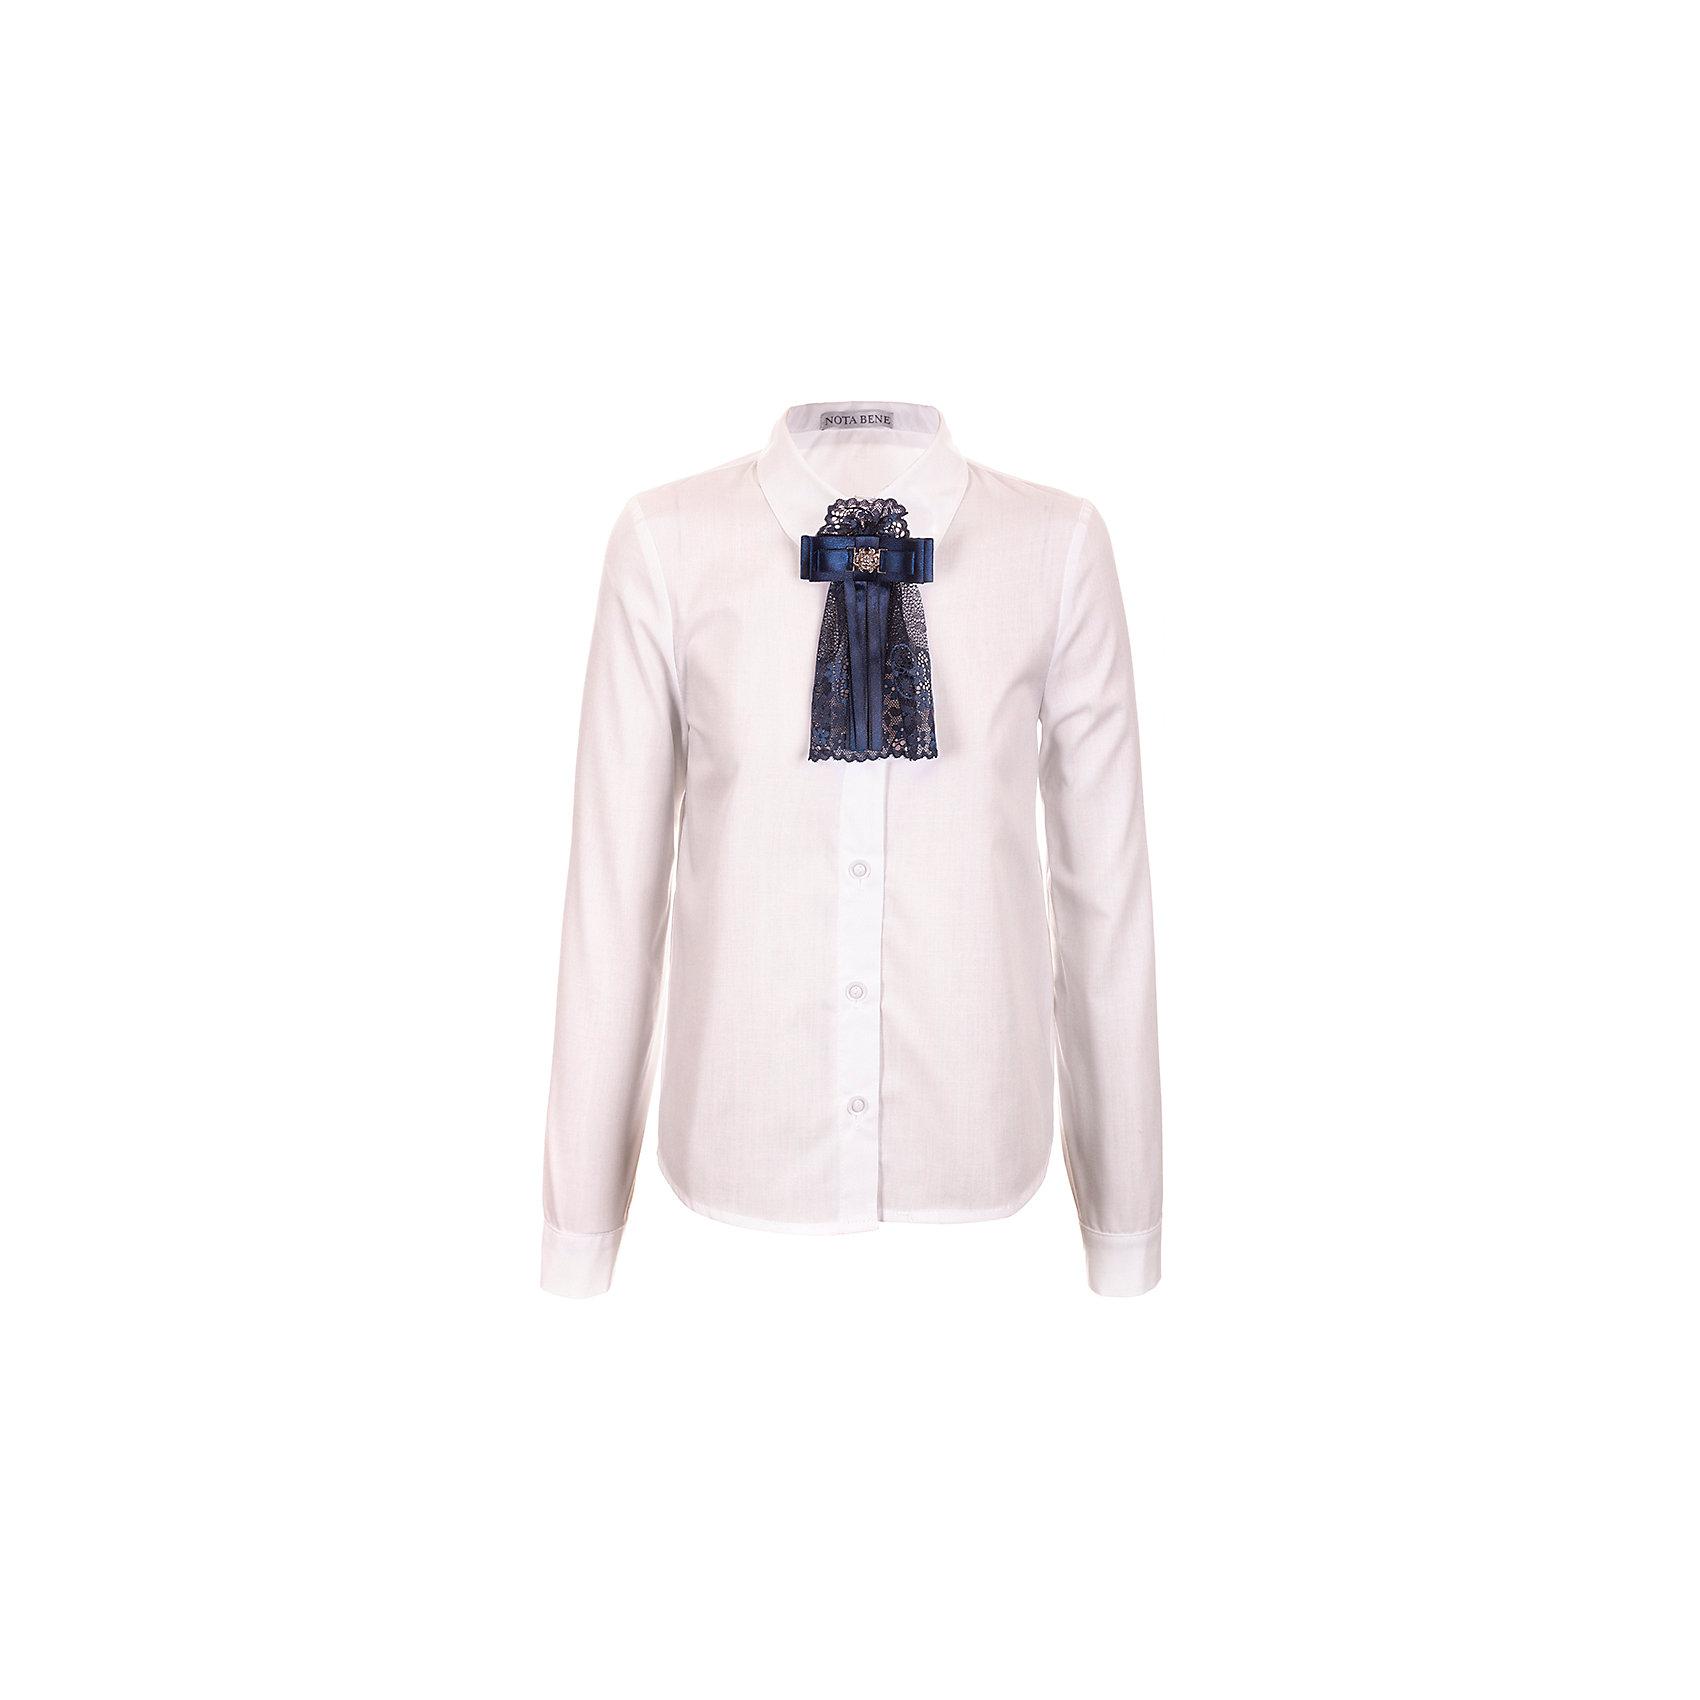 Блузка Nota Bene для девочкиБлузки и рубашки<br>Блузка с длинными рукавами. С рубашечным воротником со стойкой<br>и с цельнокроенной застежкой на пуговицы.<br>Декор текстильный пристегивающийся на булавку<br>Соответствует размеру.<br>Рекомендована предварительная стирка.<br>Состав:<br>65% хлопок; 35% полиэстер<br><br>Ширина мм: 186<br>Глубина мм: 87<br>Высота мм: 198<br>Вес г: 197<br>Цвет: белый<br>Возраст от месяцев: 72<br>Возраст до месяцев: 84<br>Пол: Женский<br>Возраст: Детский<br>Размер: 122,158,164,128,134,140,146,152<br>SKU: 7012245